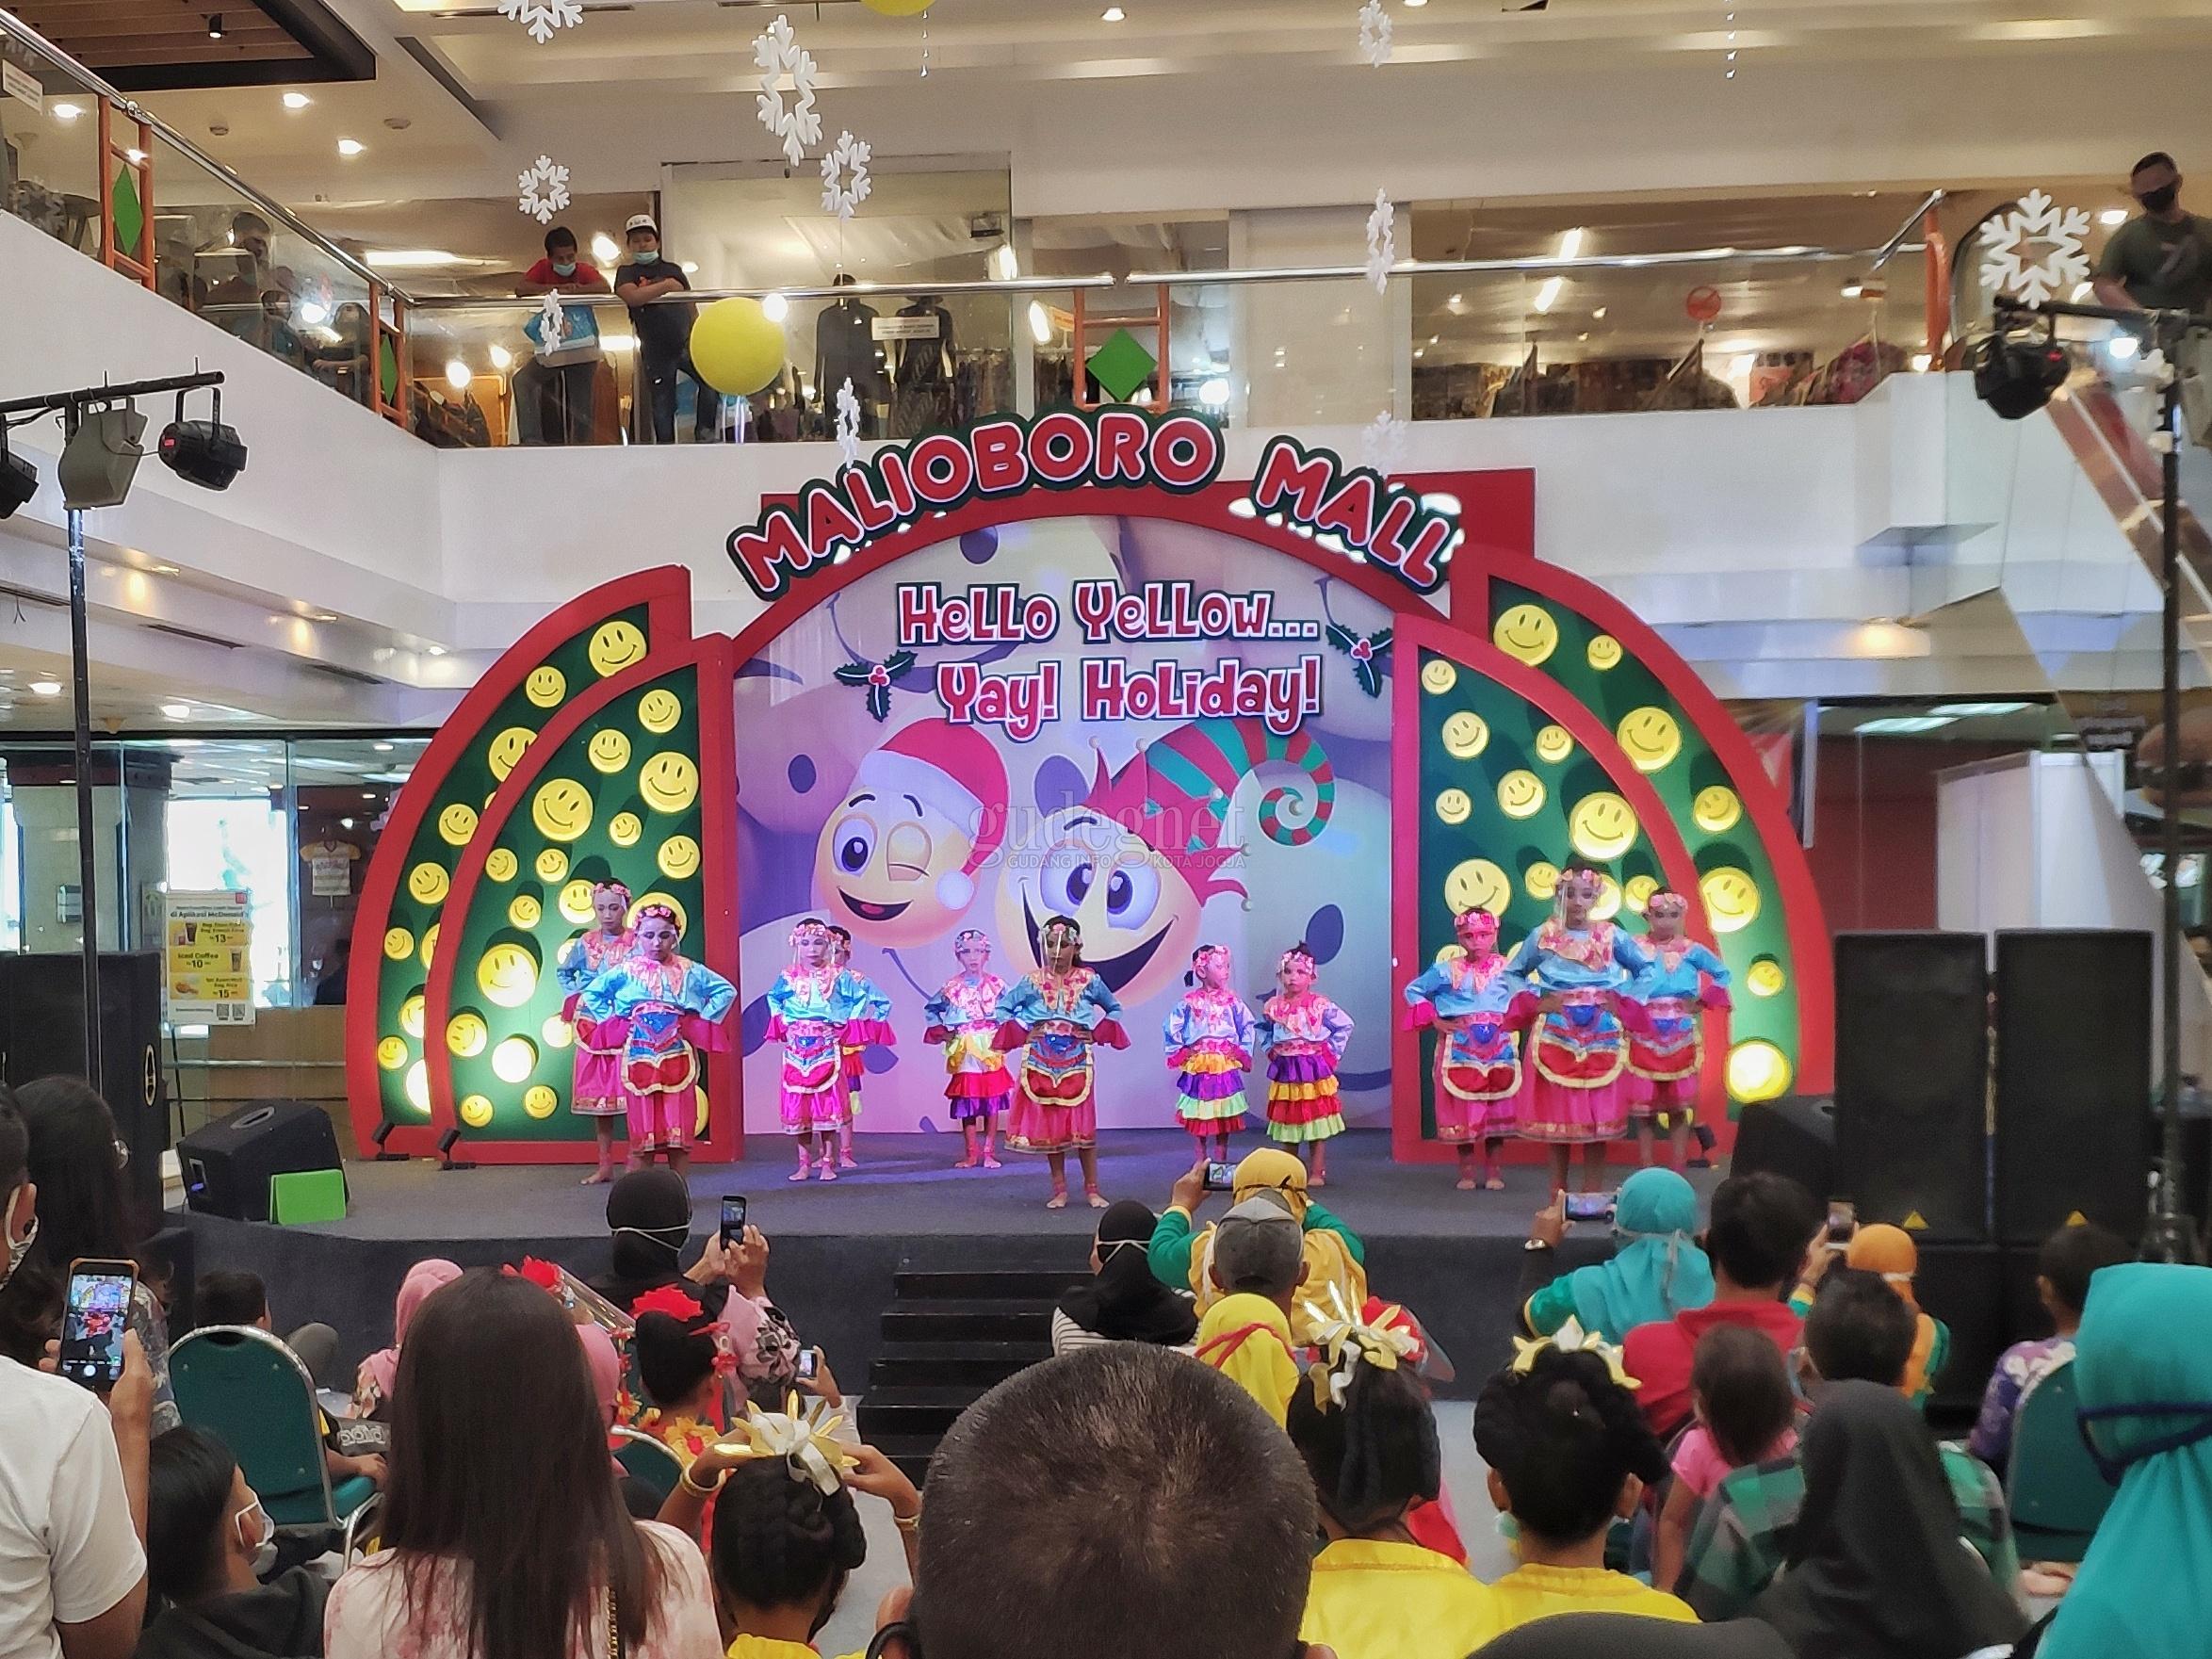 Malioboro Mall Gelar Beragam Acara di Akhir Tahun, Ini Daftarnya